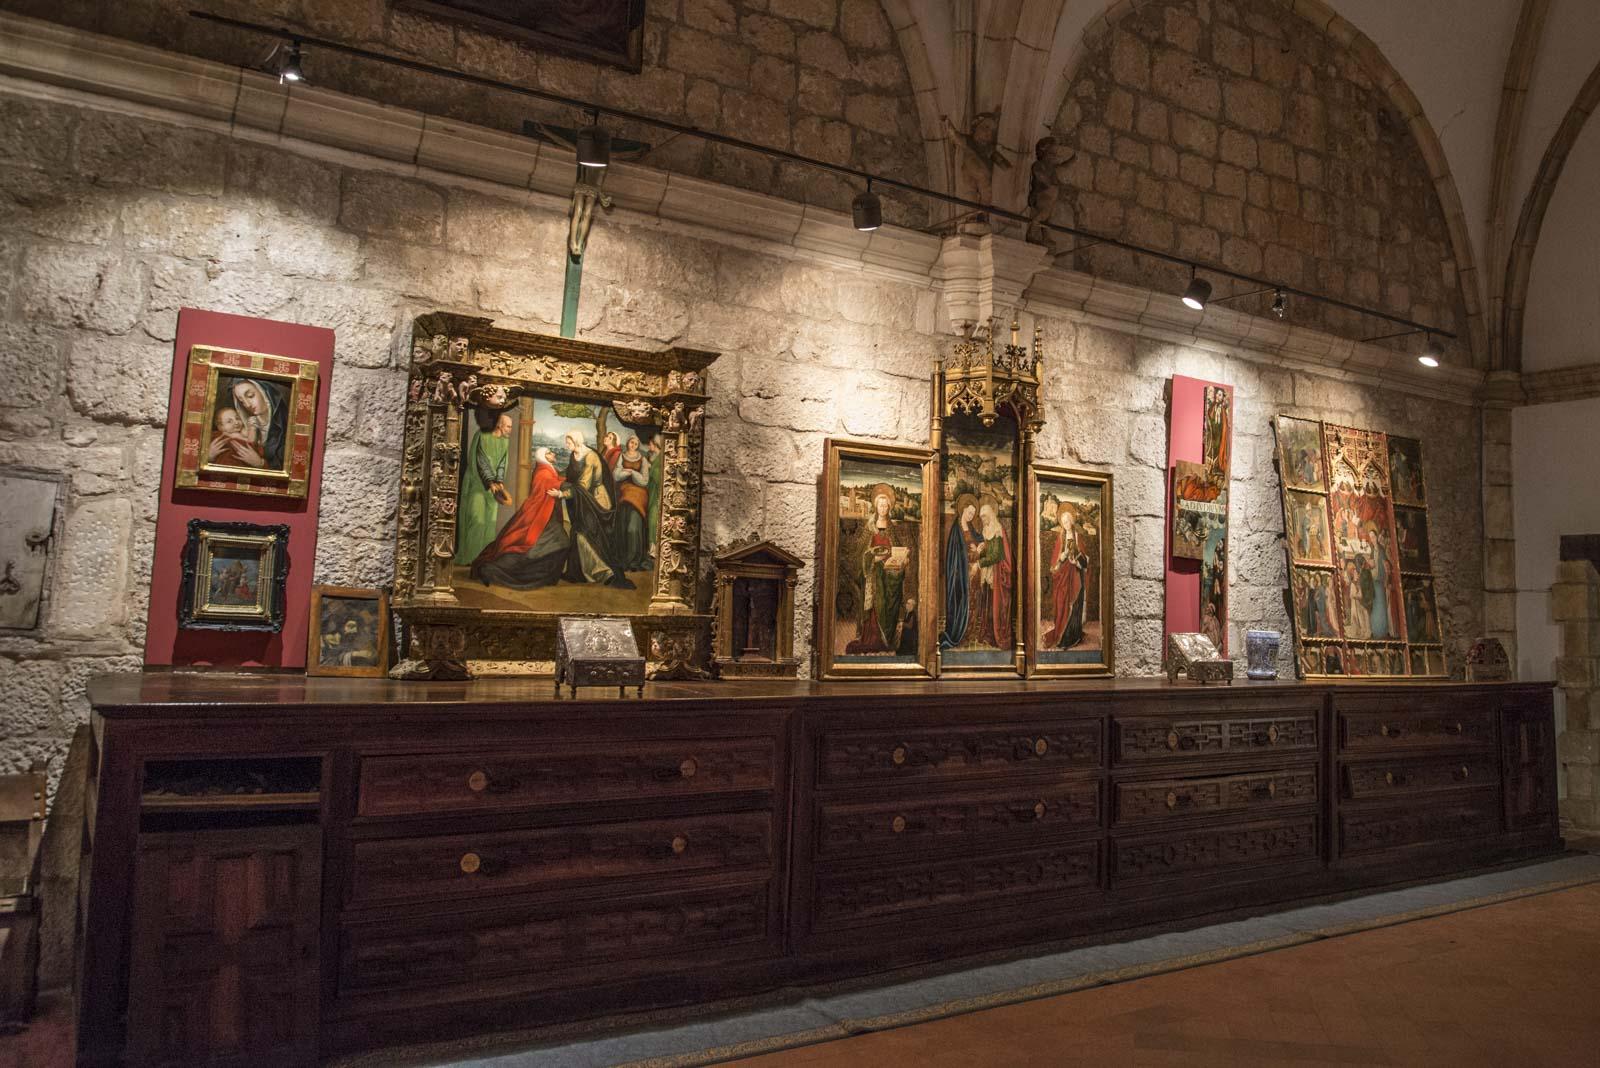 Litt av de flotte maleriene som er utstilt i det gamle klosteret.